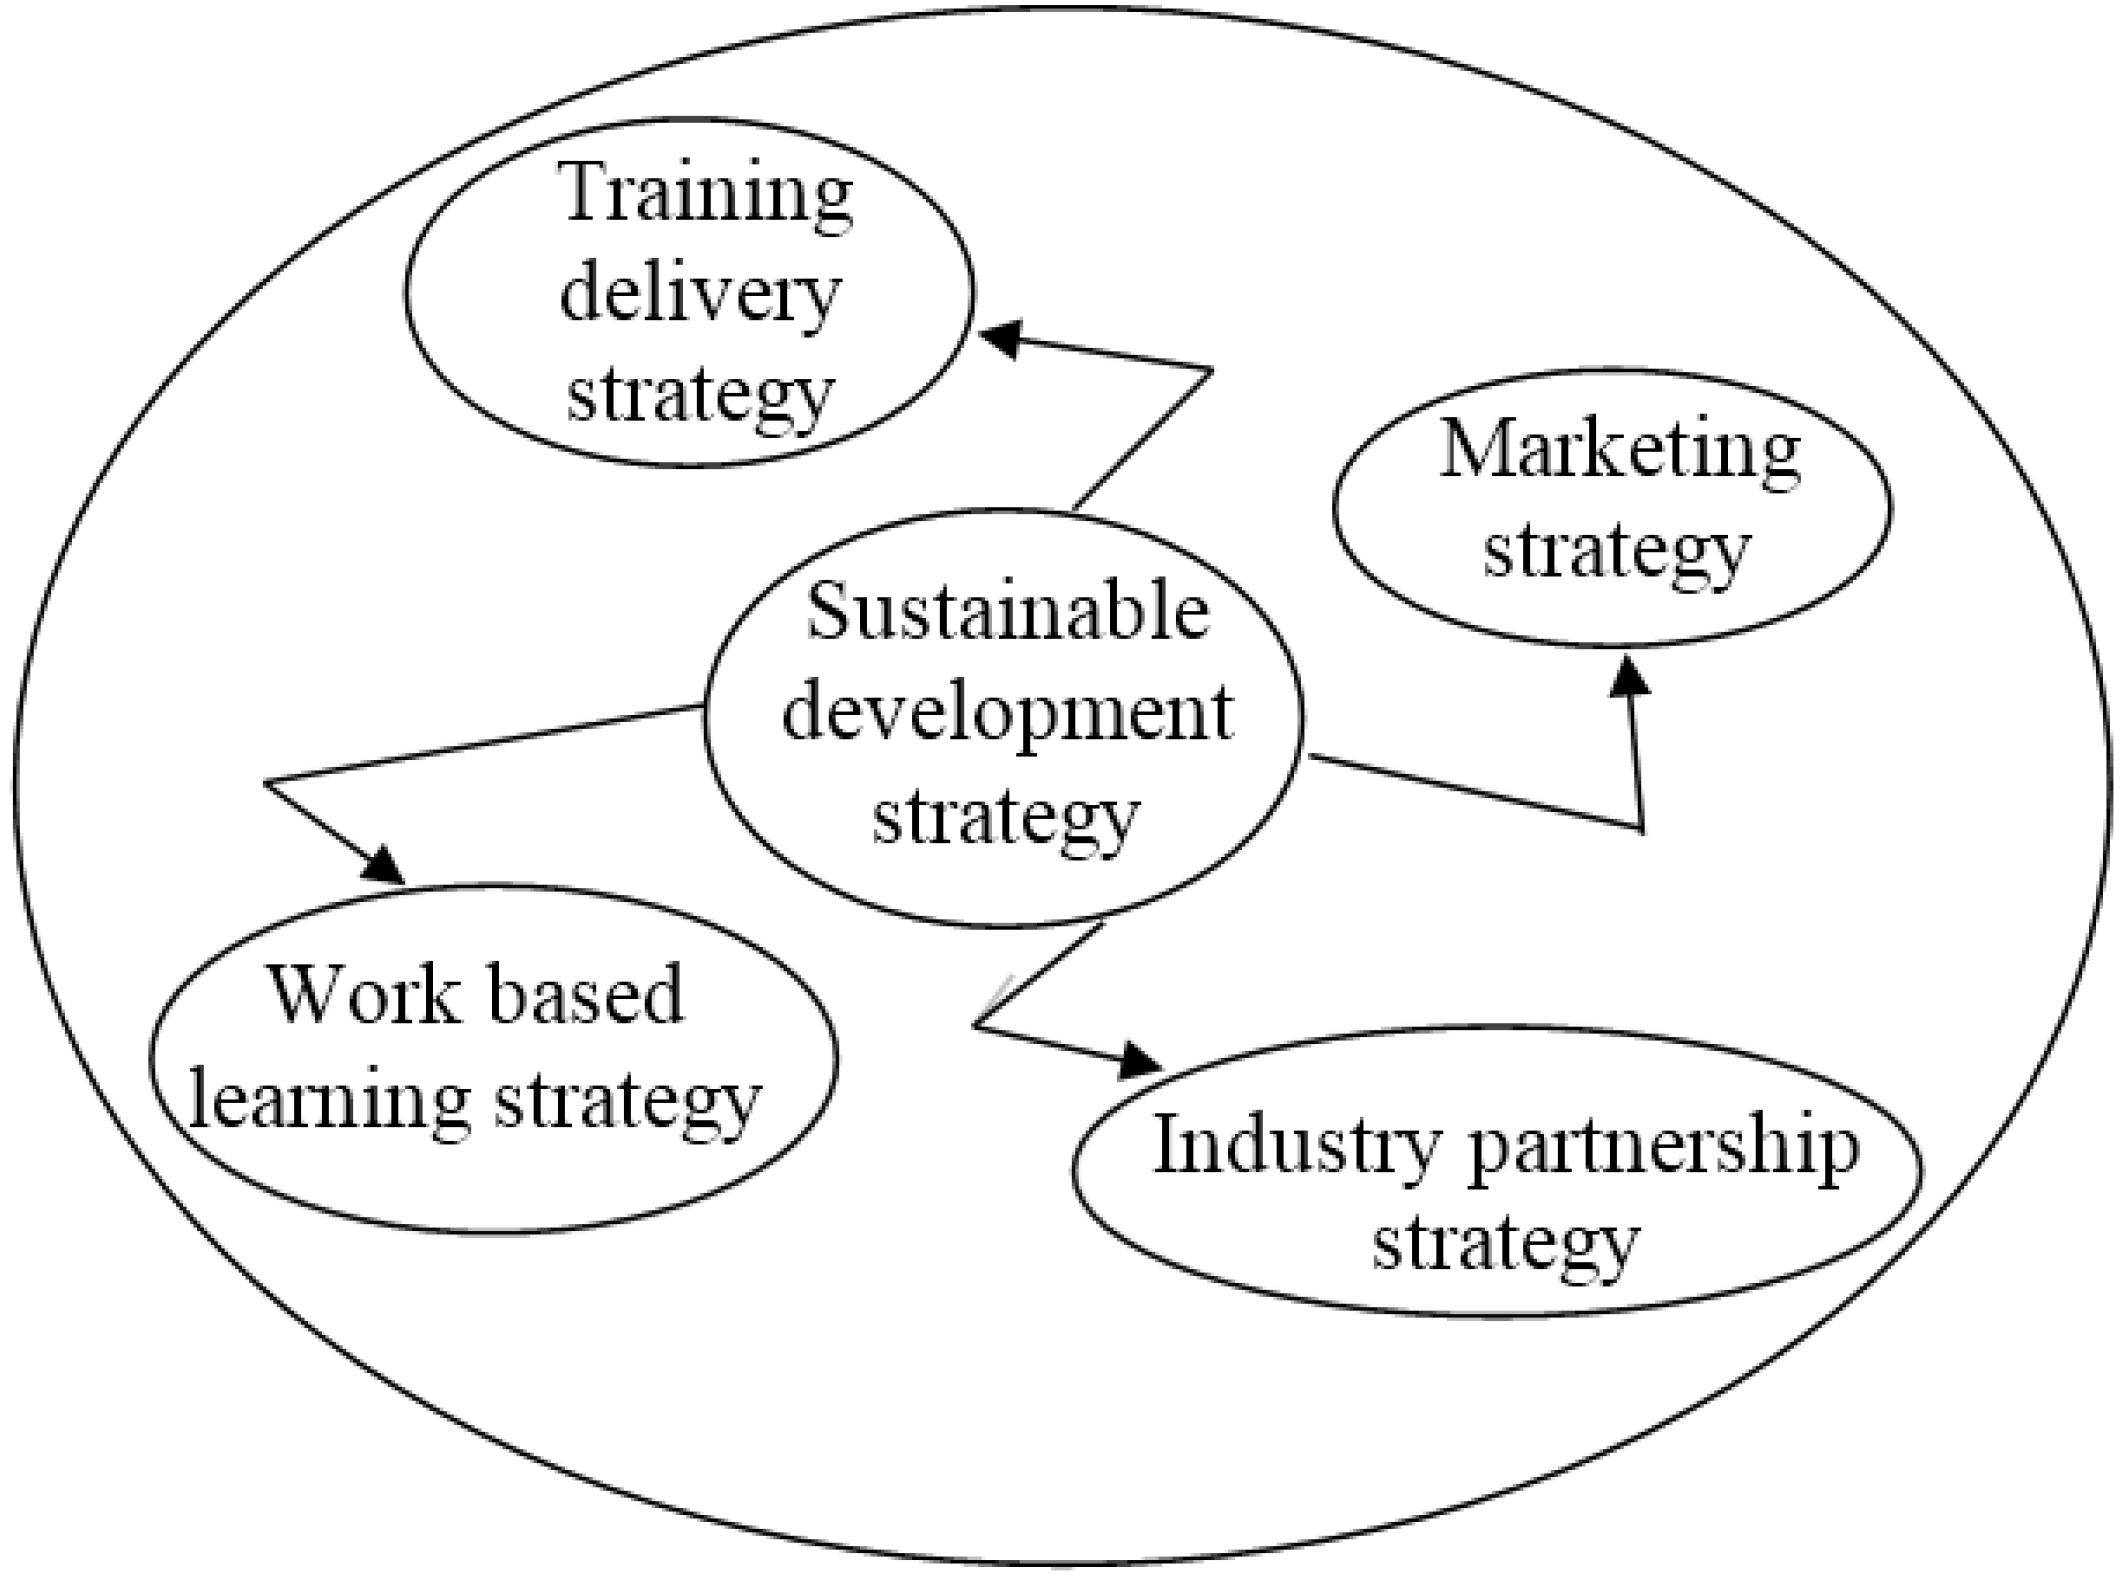 sustainability free full text sustainability assessment Body Assessment Diagram sustainability 07 07156 g001 1024